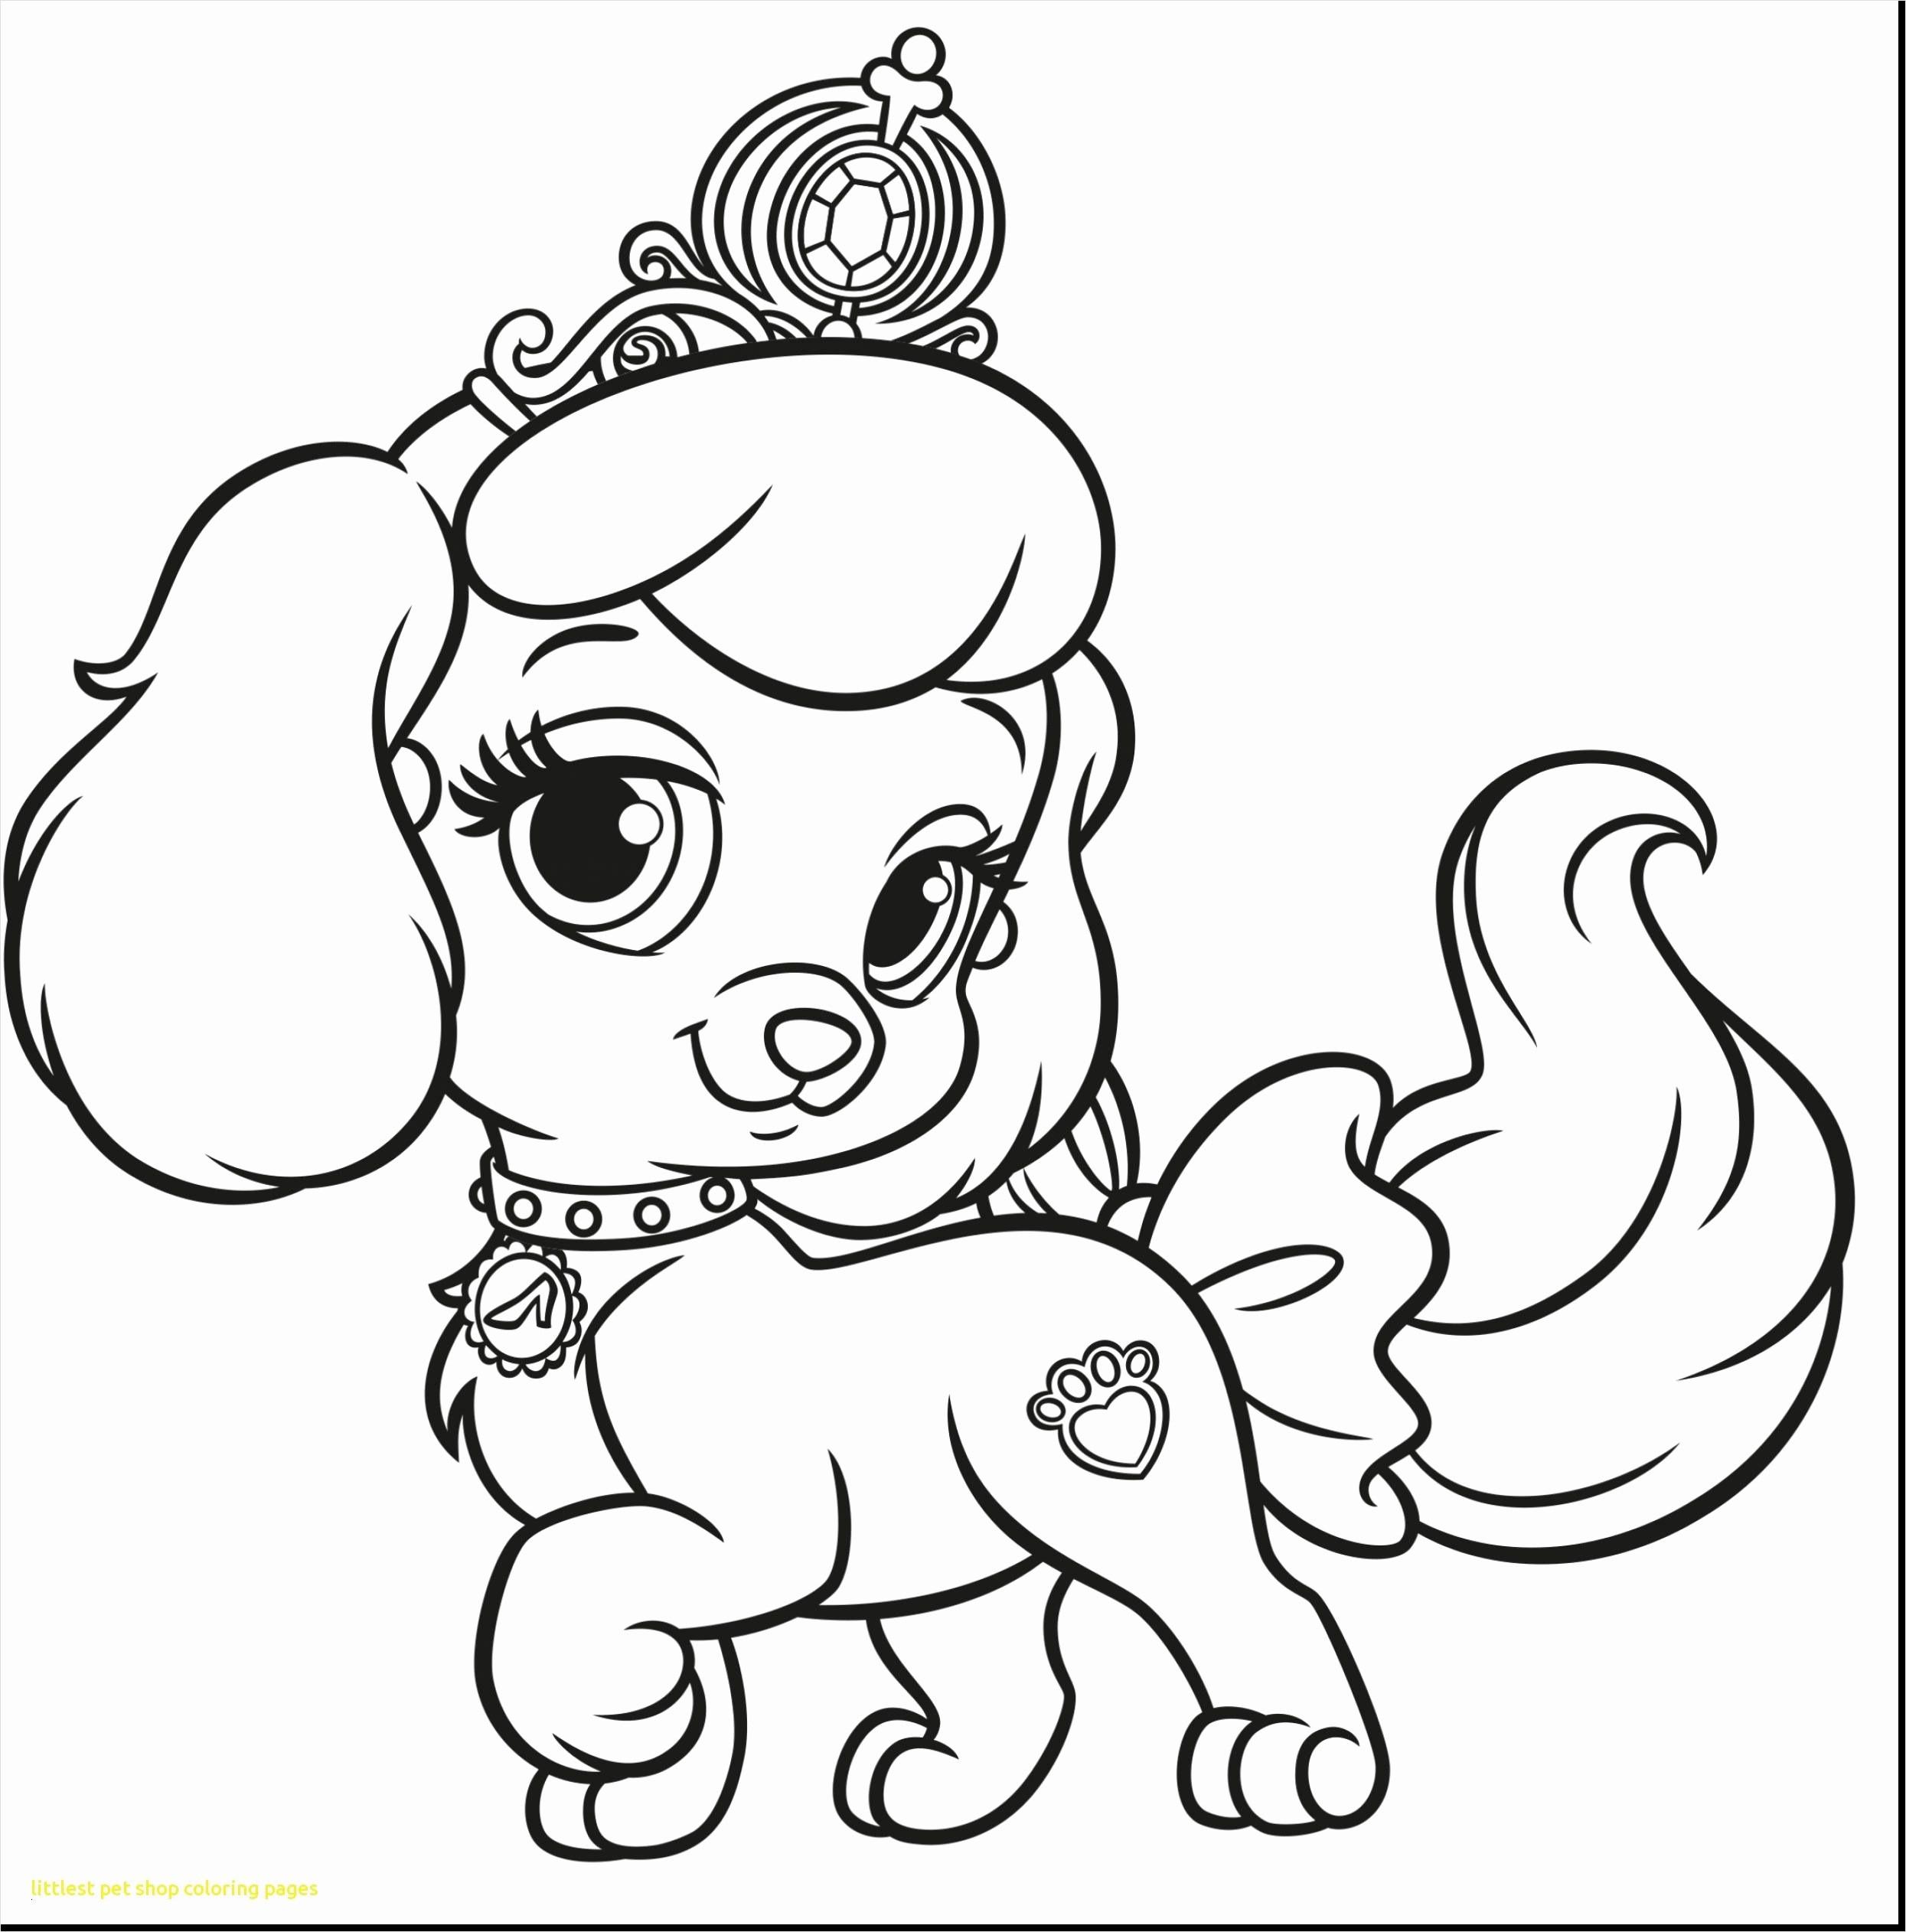 Clash Royale Ausmalbilder Einzigartig 50 Neu Littlest Pet Shop Ausmalbilder Beste Malvorlage Galerie